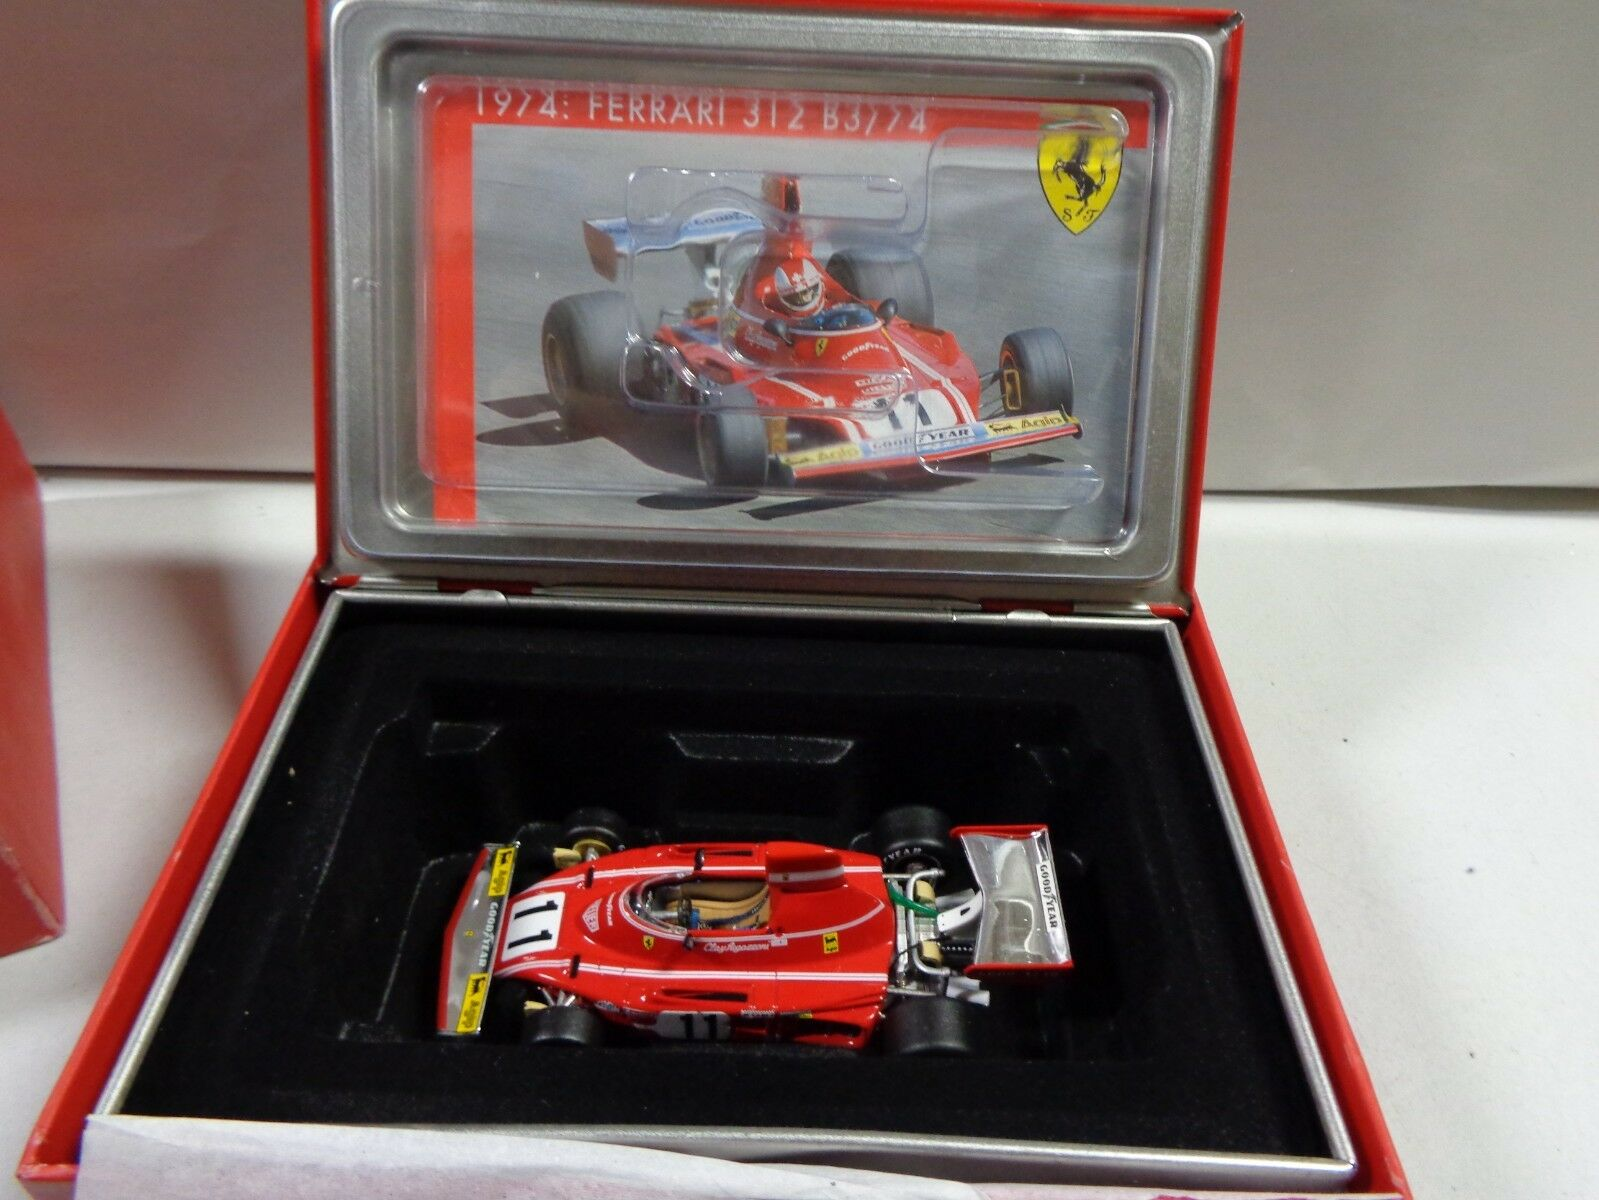 Hot Wheels 1974 Ferrari 312 B3 B3 B3 74 5a5a98